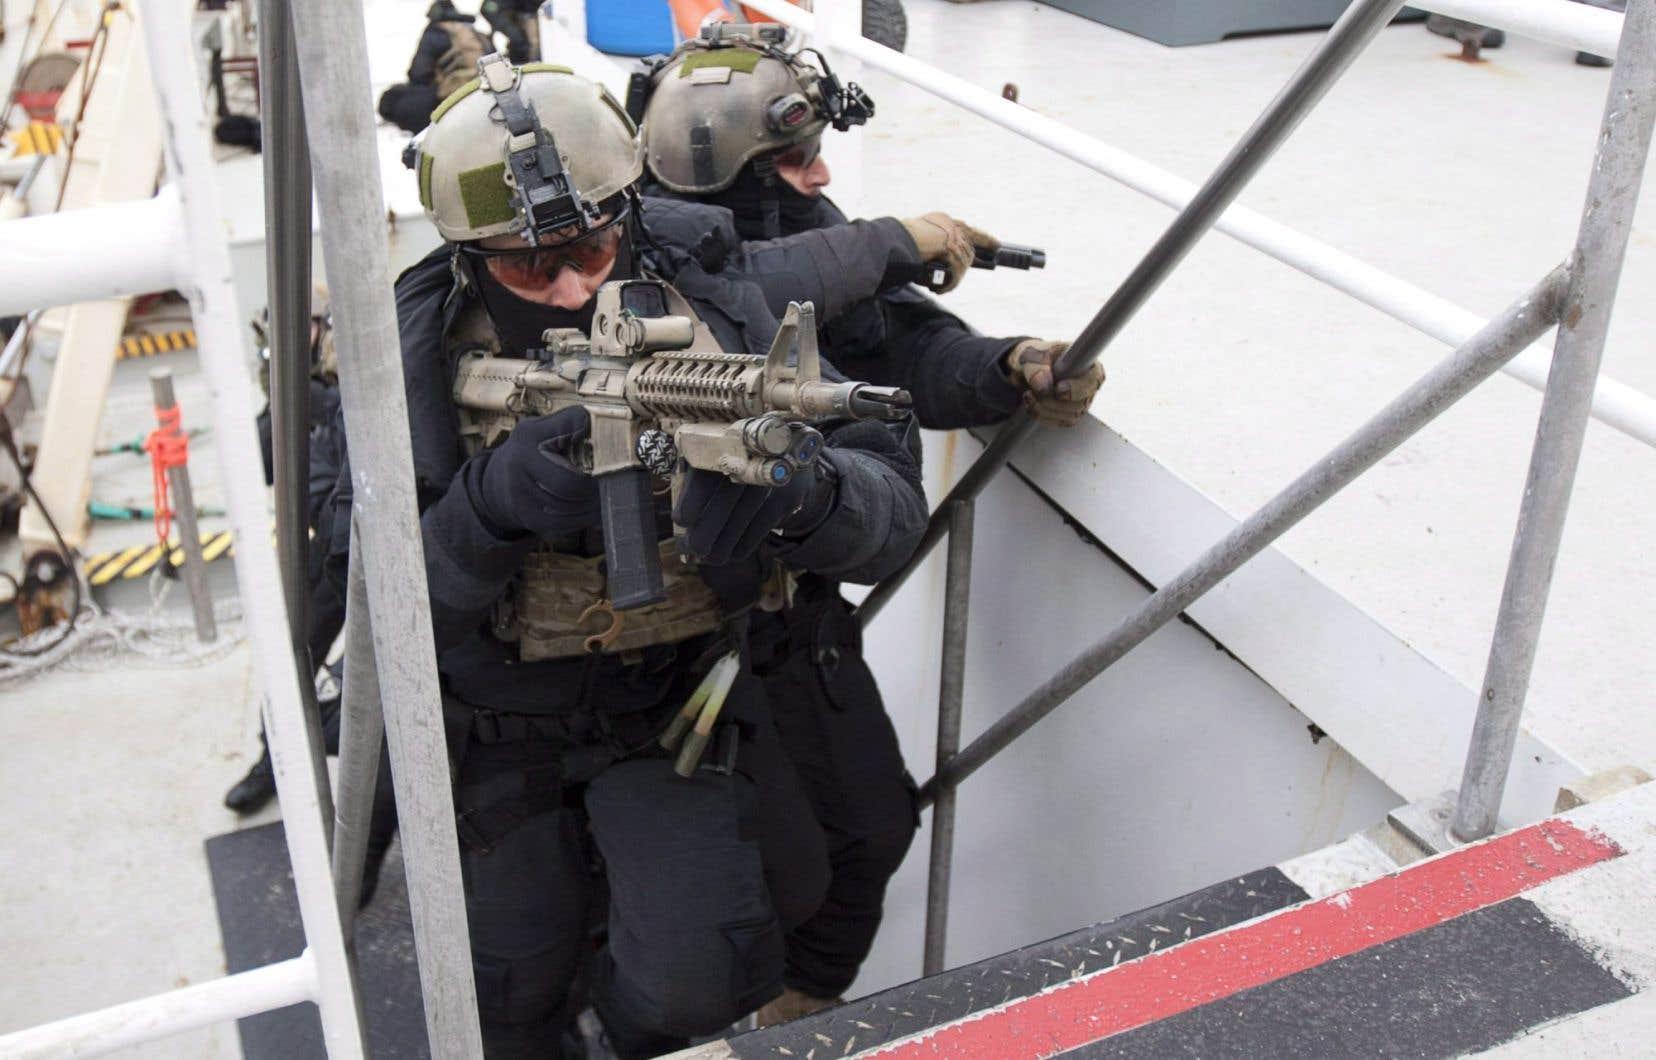 Les membres de l'unité spéciale JTF2 des Forces canadiennes prennent un navire d'assaut lors de l'opération Nanook au large des rives de Churchill au Manitoba.